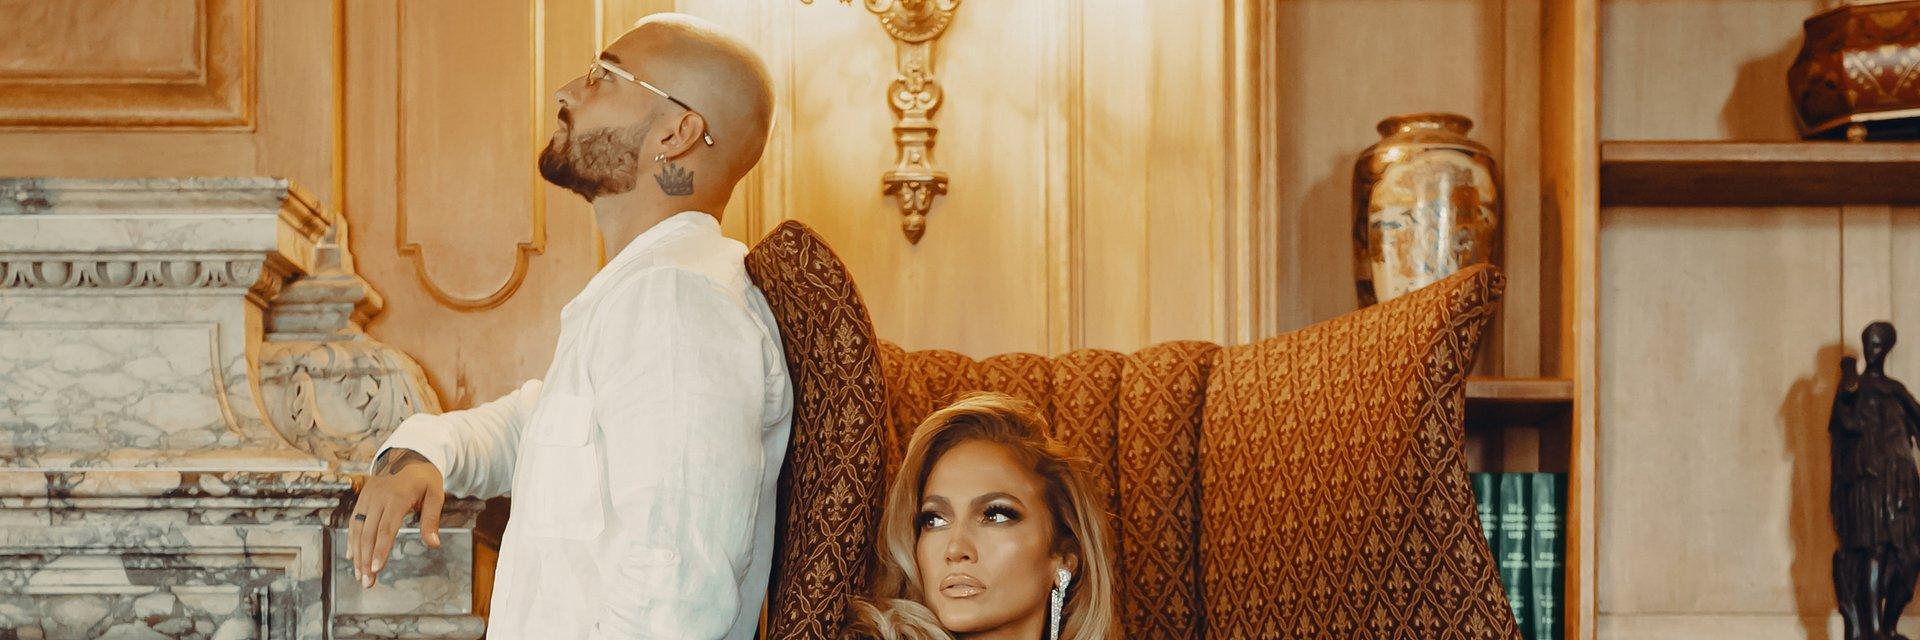 Jennifer Lopez i Maluma razem w muzyce i filmie!